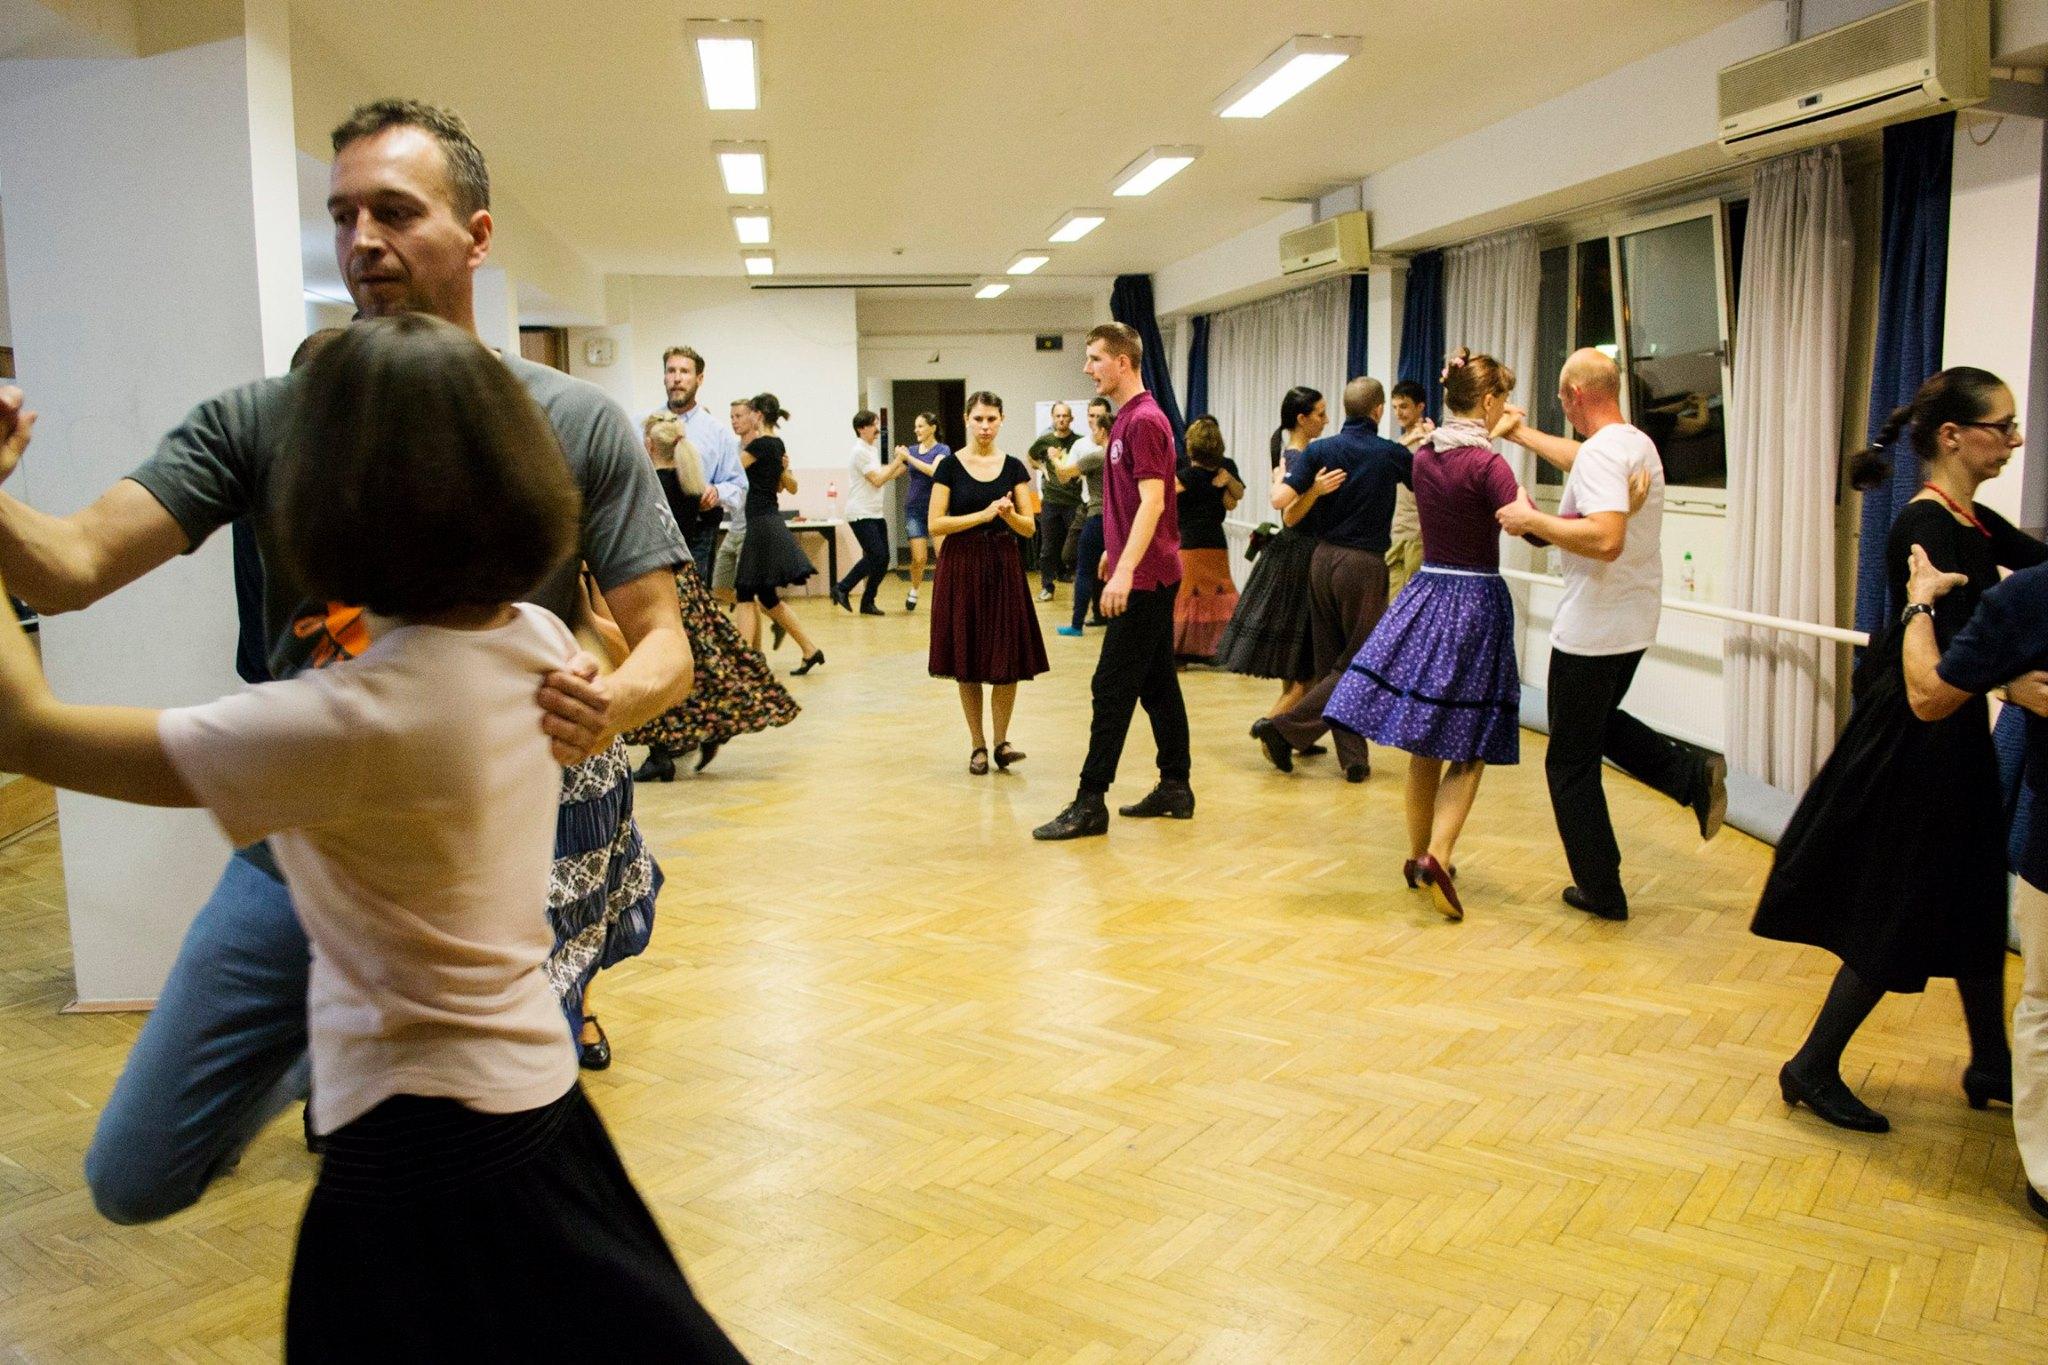 Magyar néptánc oktatás felnőtteknek az Intenzív Néptánc szervezésében, Horányi Csabával és Horányi-Pirók Pankával